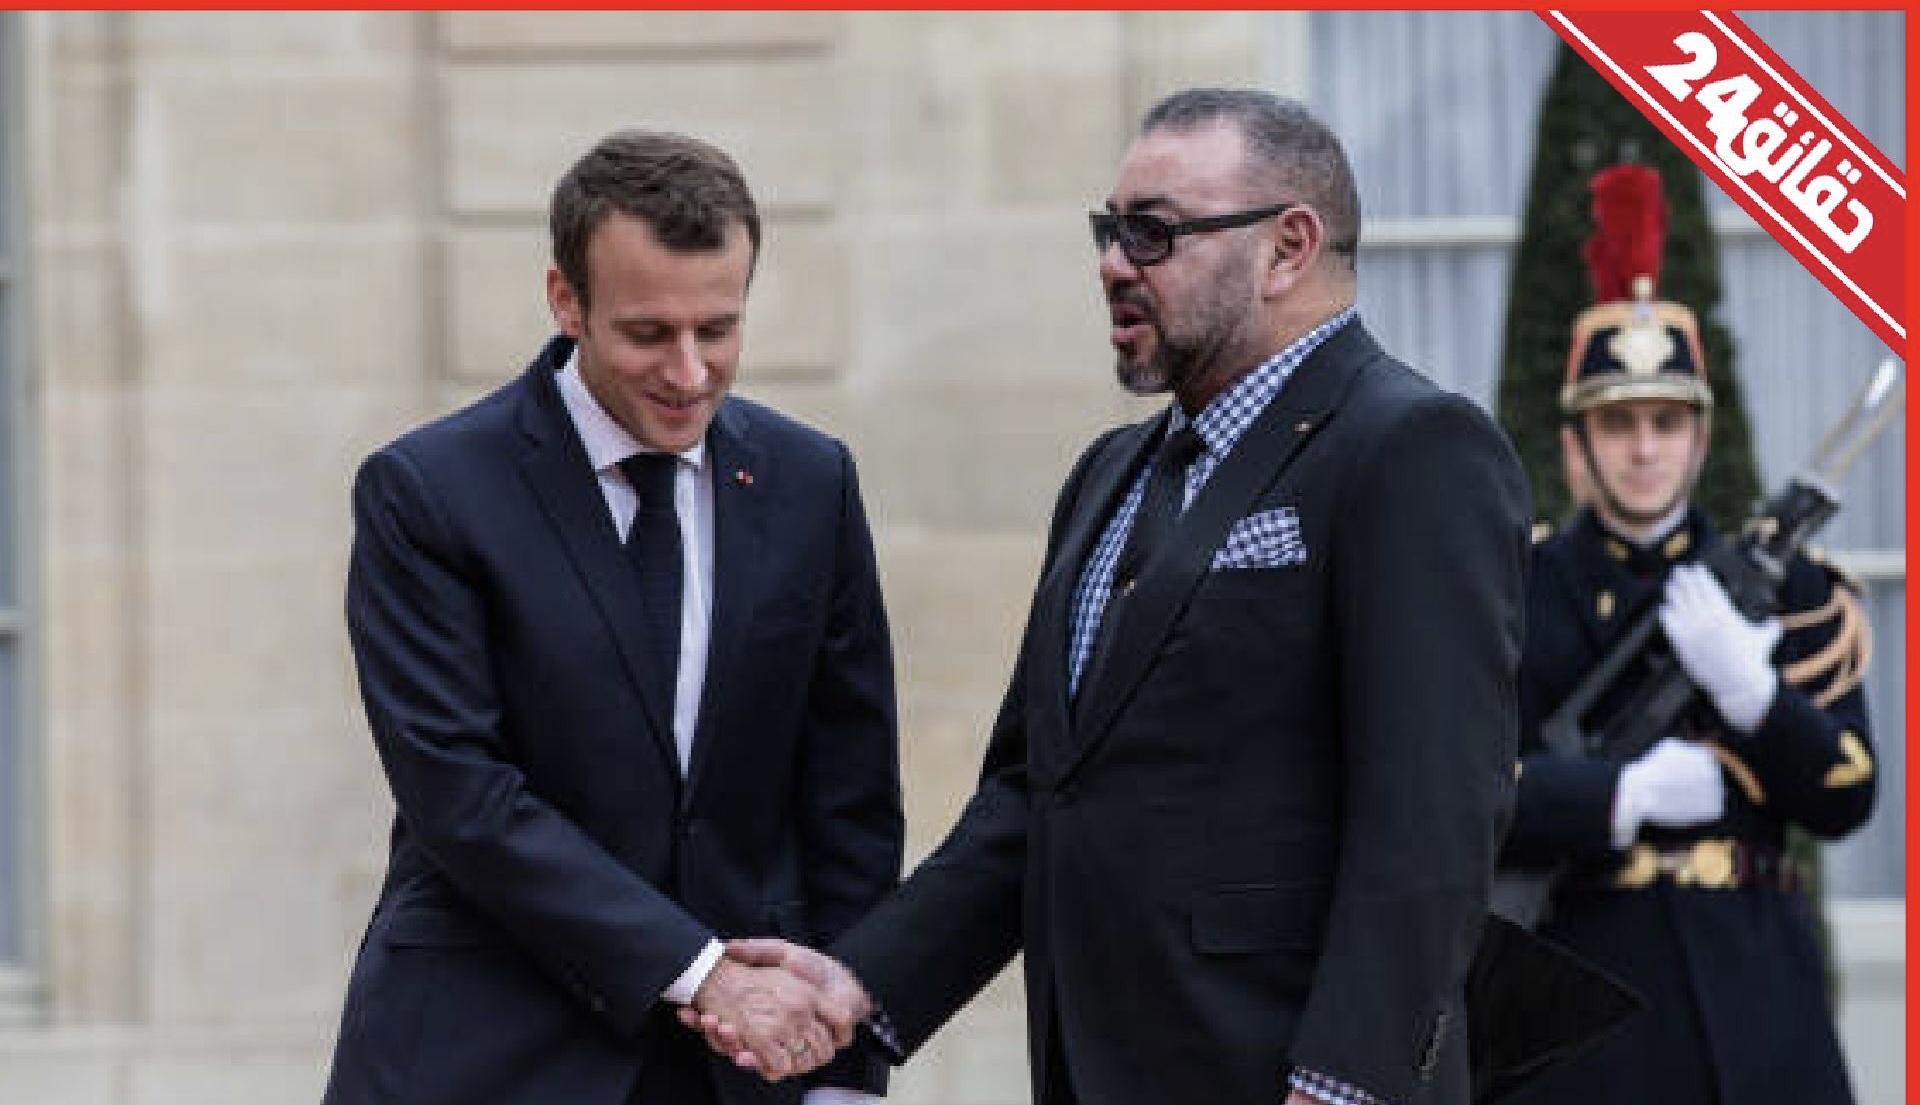 صورة برلماني فرنسي : المغرب يمكنه الاعتماد على فرنسا في قضية الصحراء